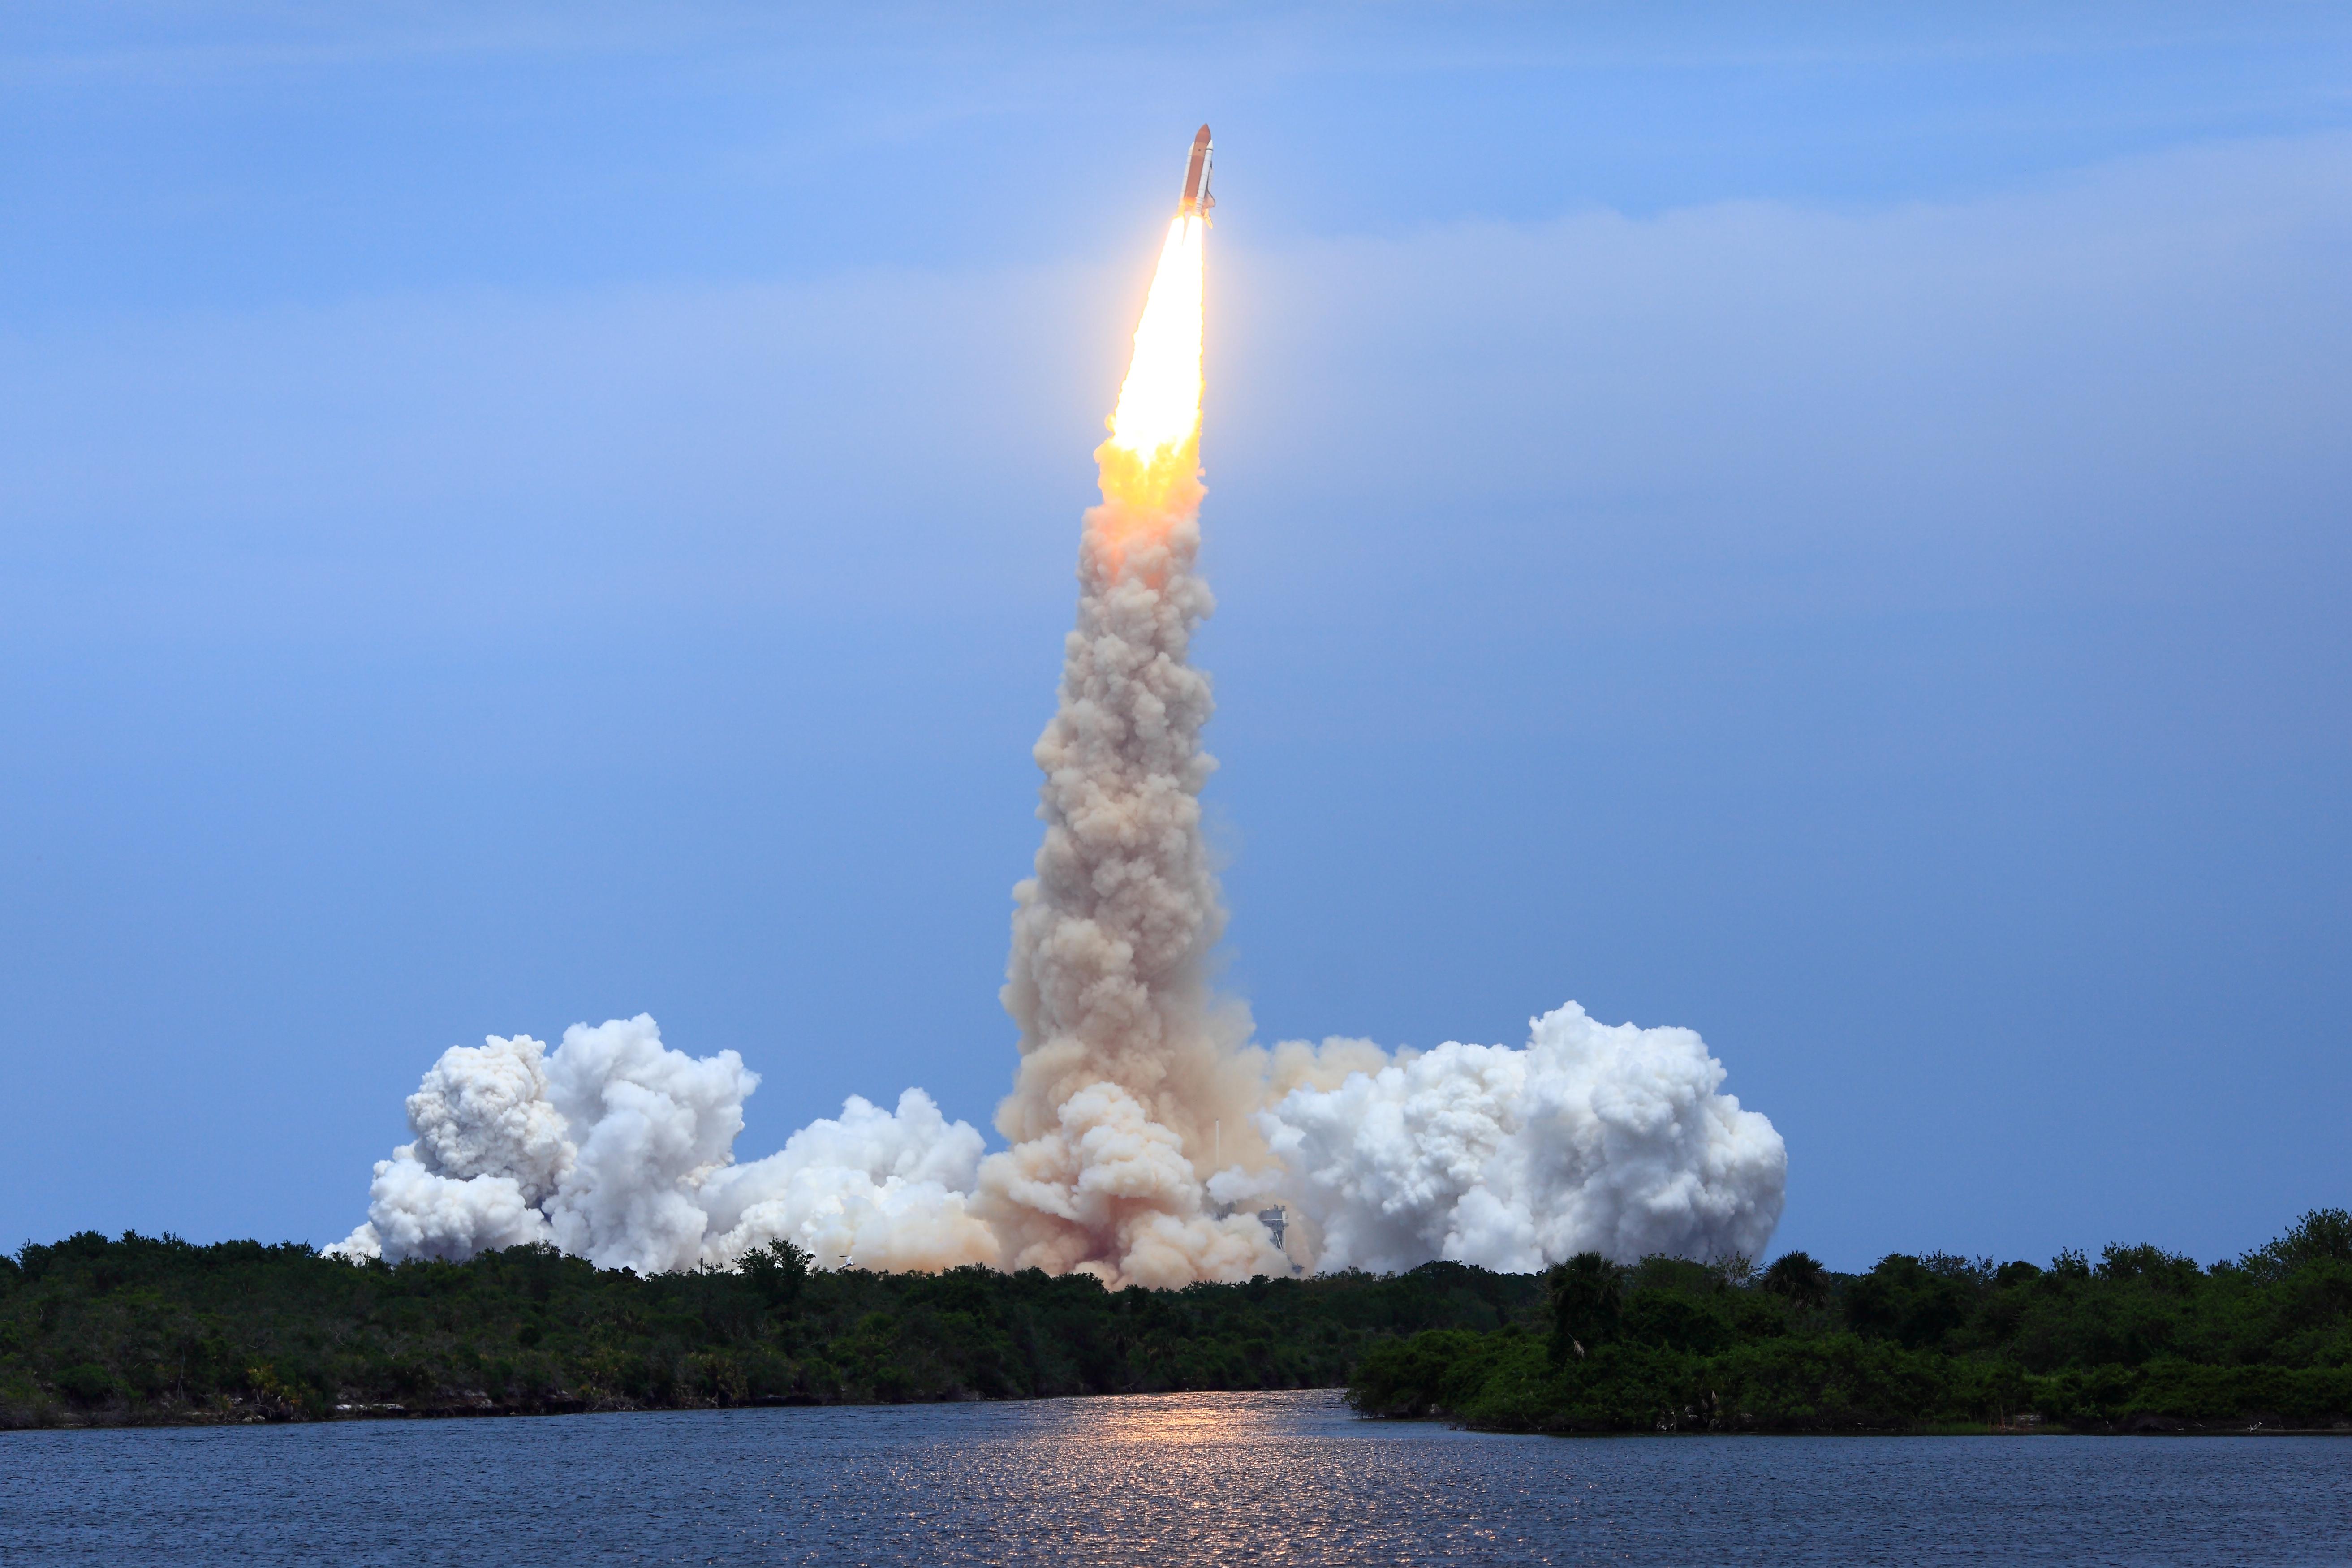 картинки пусков ракет половиной